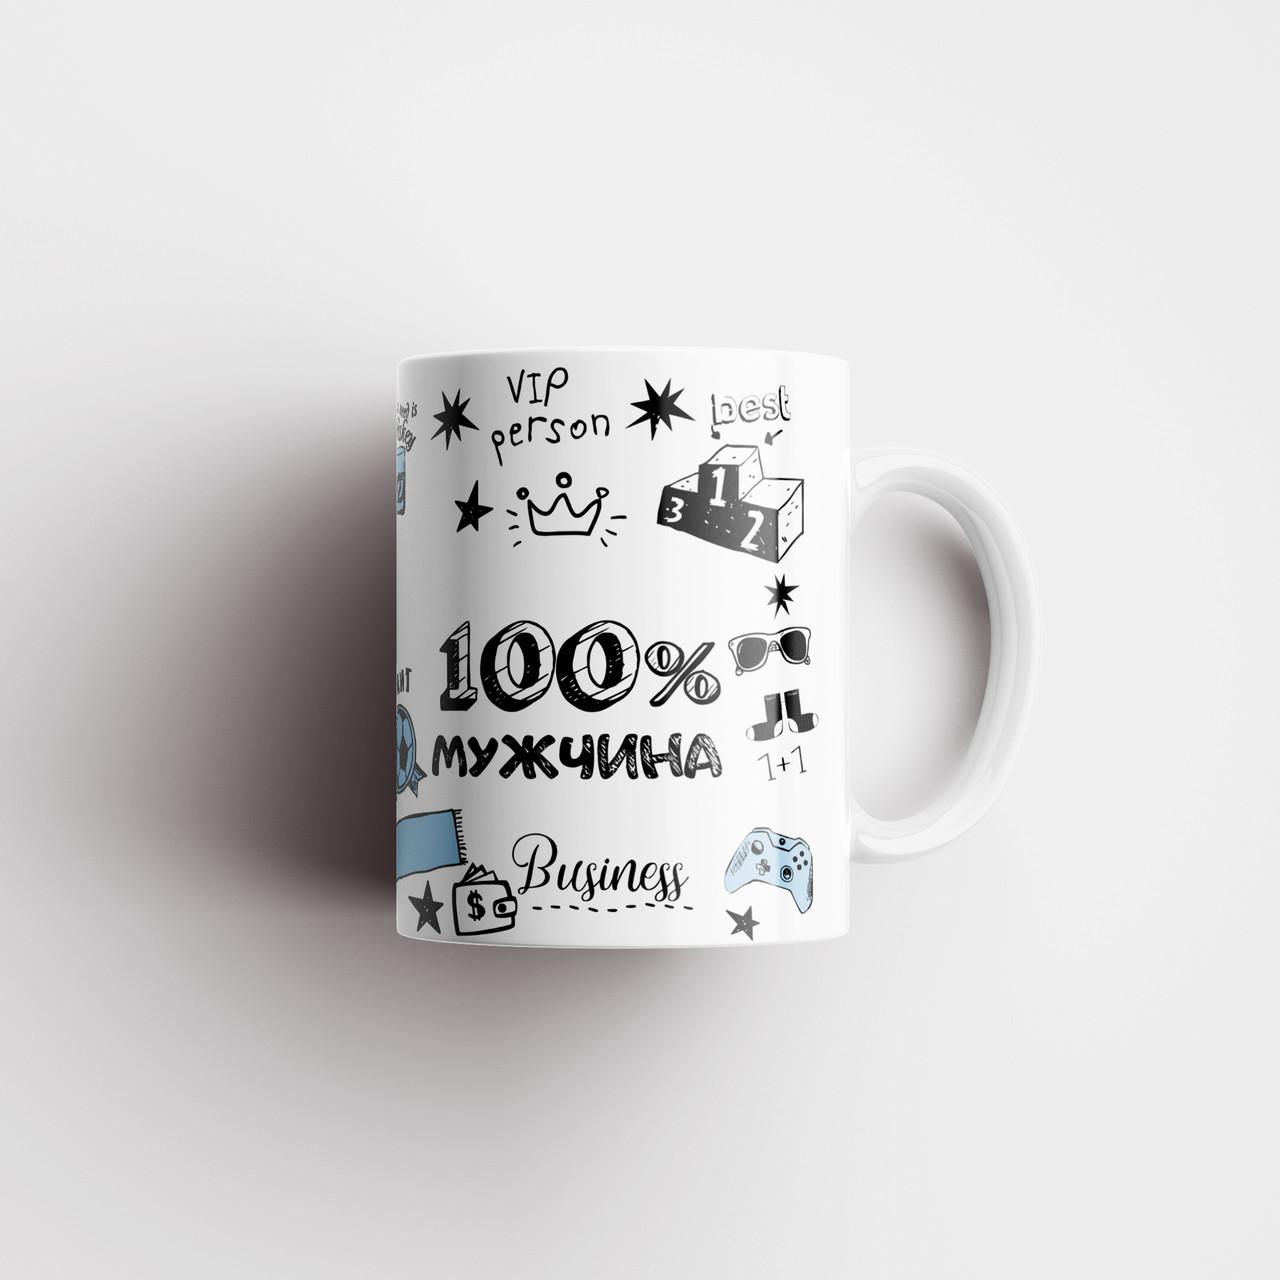 Чашка подарунок чоловікові. Чашка з принтом 100% чоловік. Чашка з фото